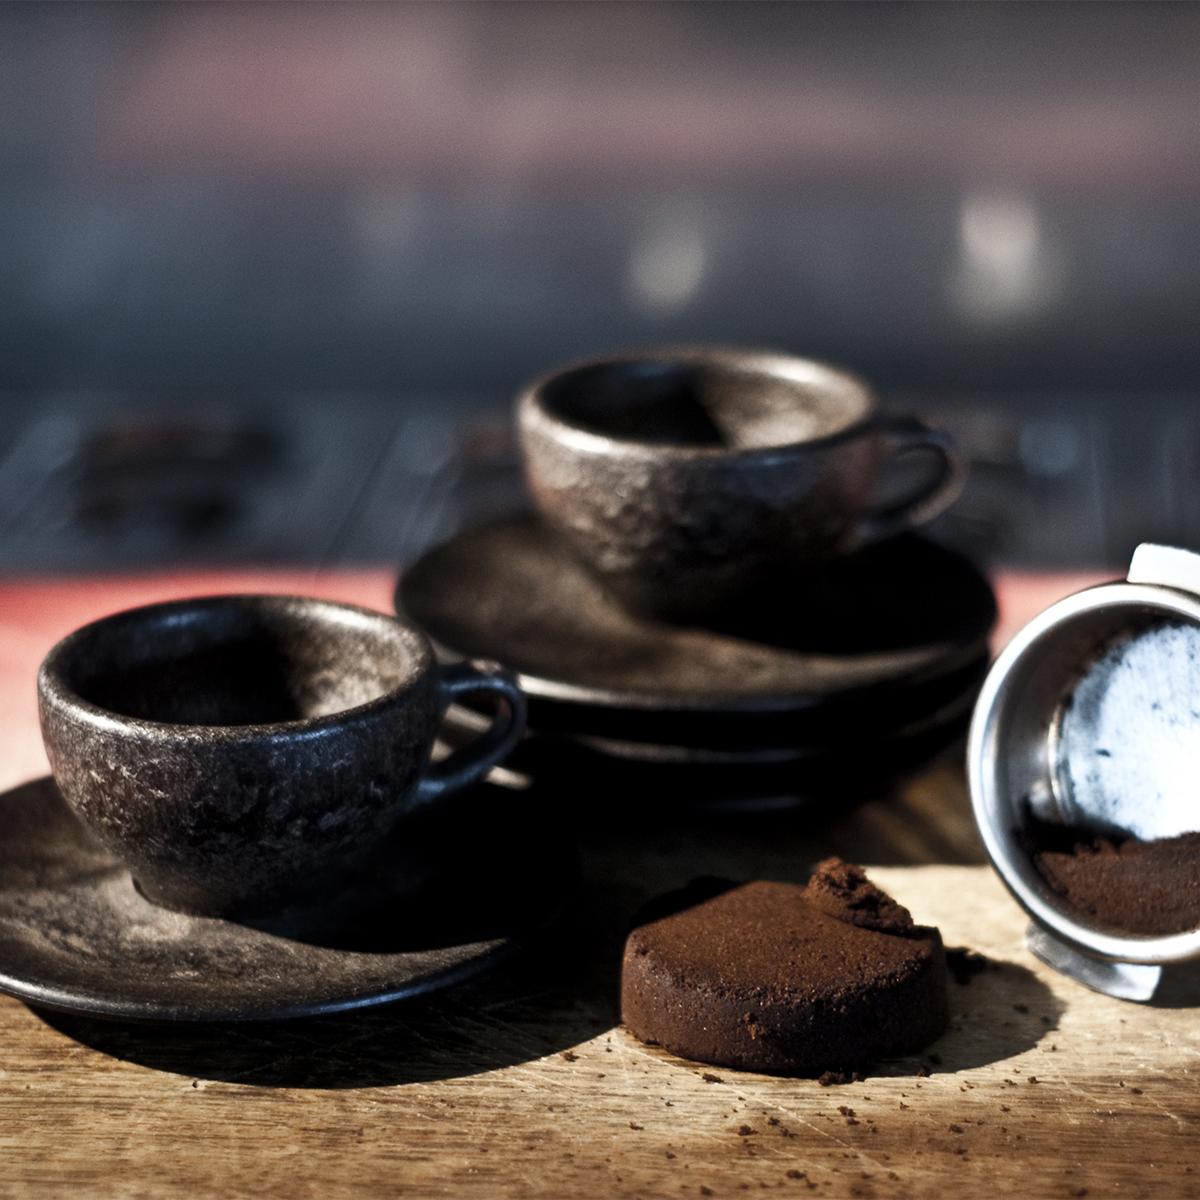 おしゃれなコーヒーカップの正体は?|エスプレッソ カップ&ソーサー|コーヒー抽出後の豆かすが、こんなお洒落なコーヒーカップに再生!